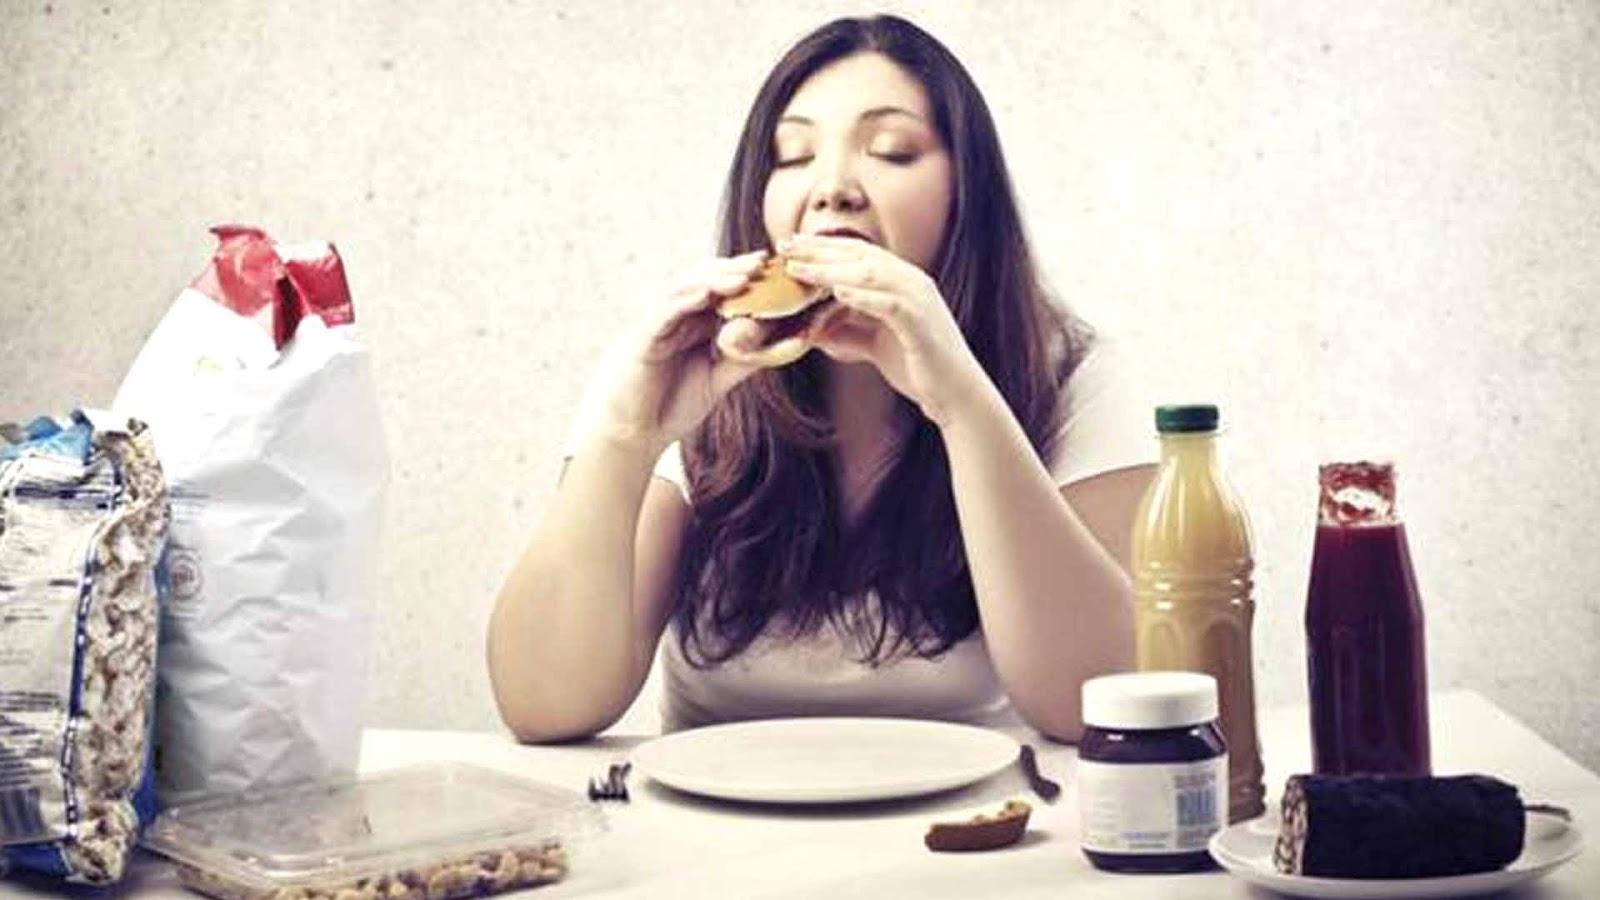 makalah obesitas